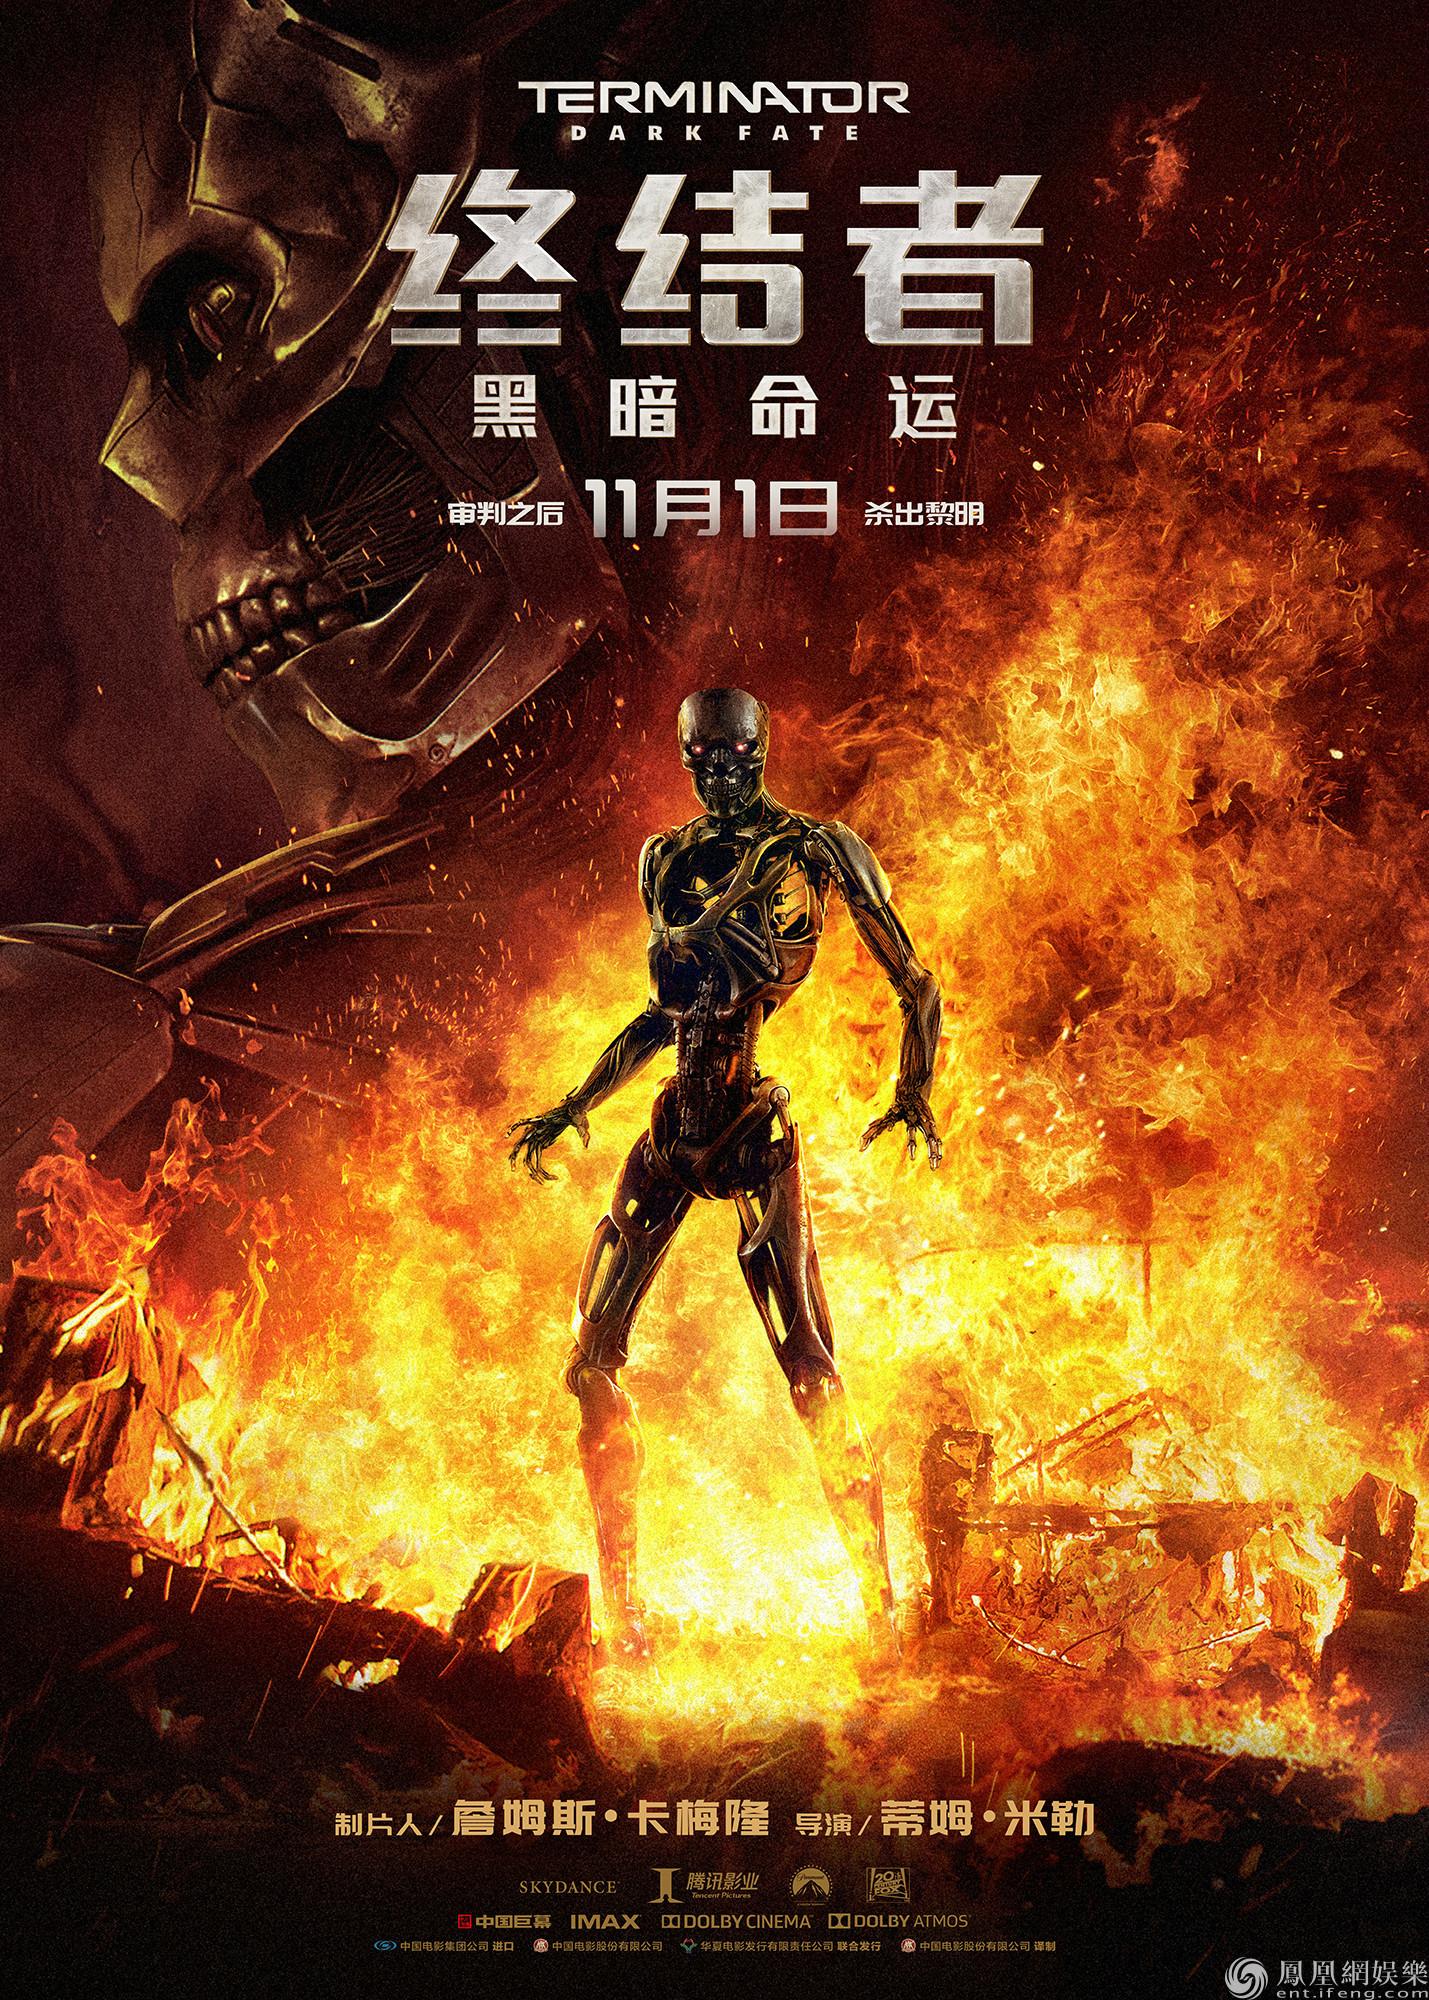 终极者 2019年终科幻动作大片《终结者:黑暗命运》今日公映